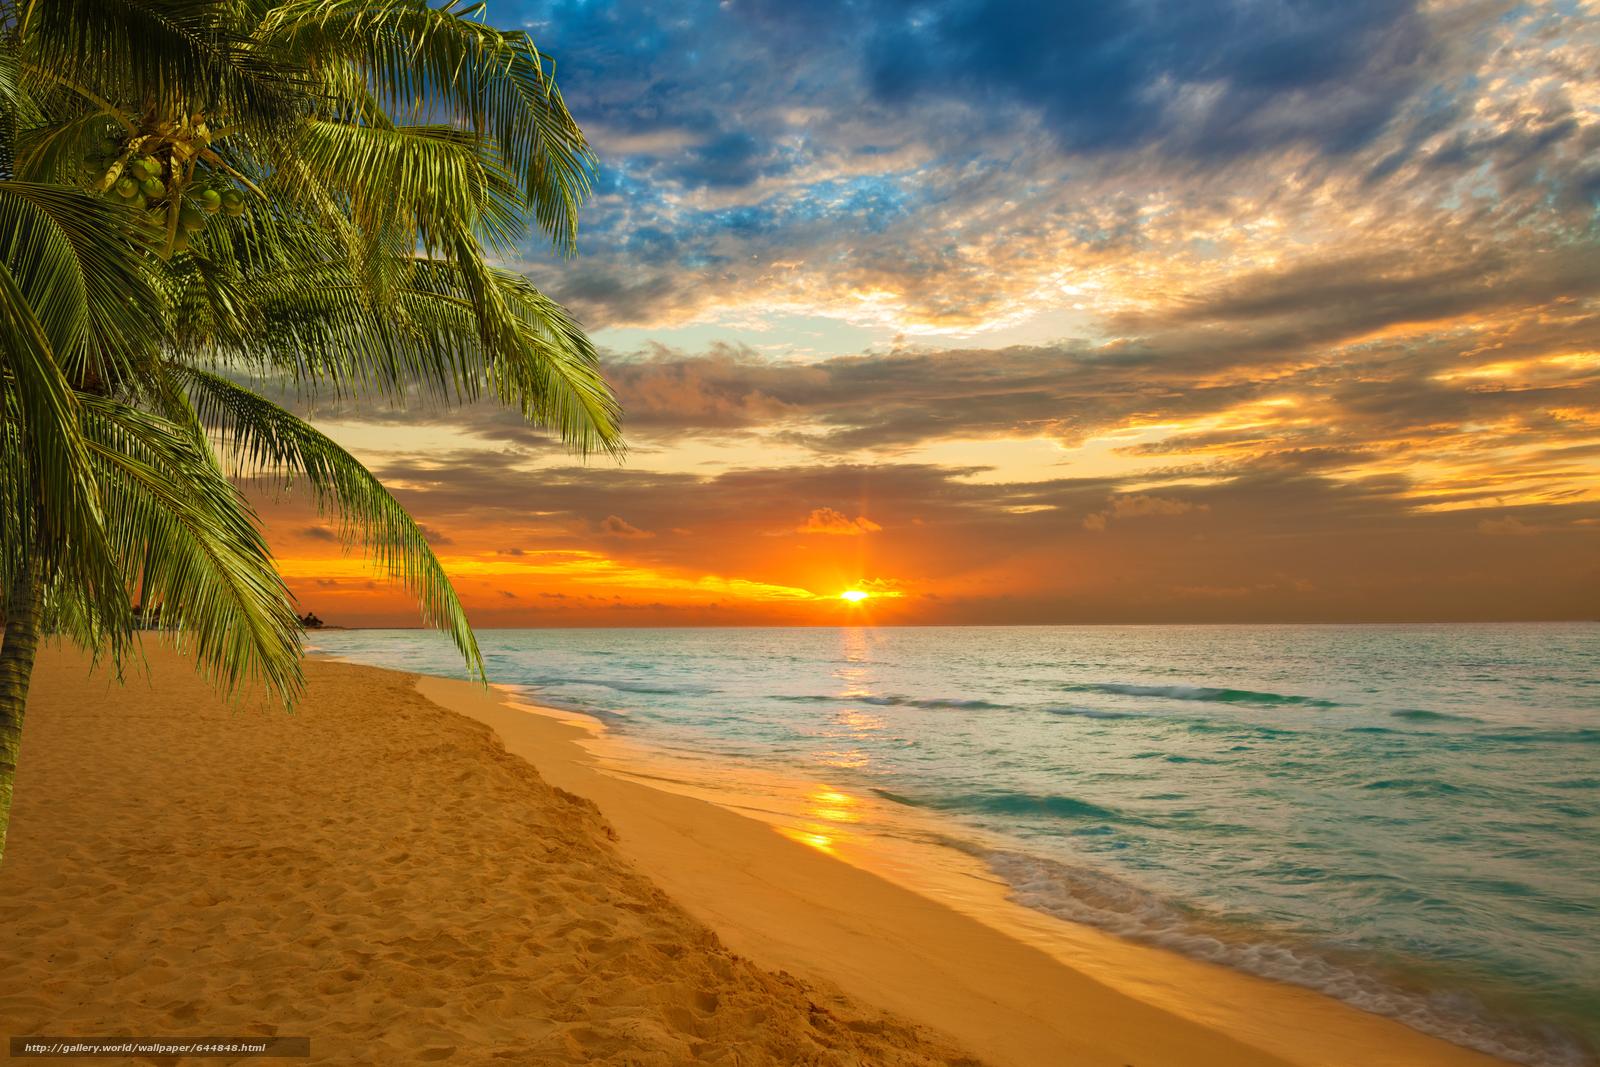 Sunset, sea, Palms, shore, landscape - #644848